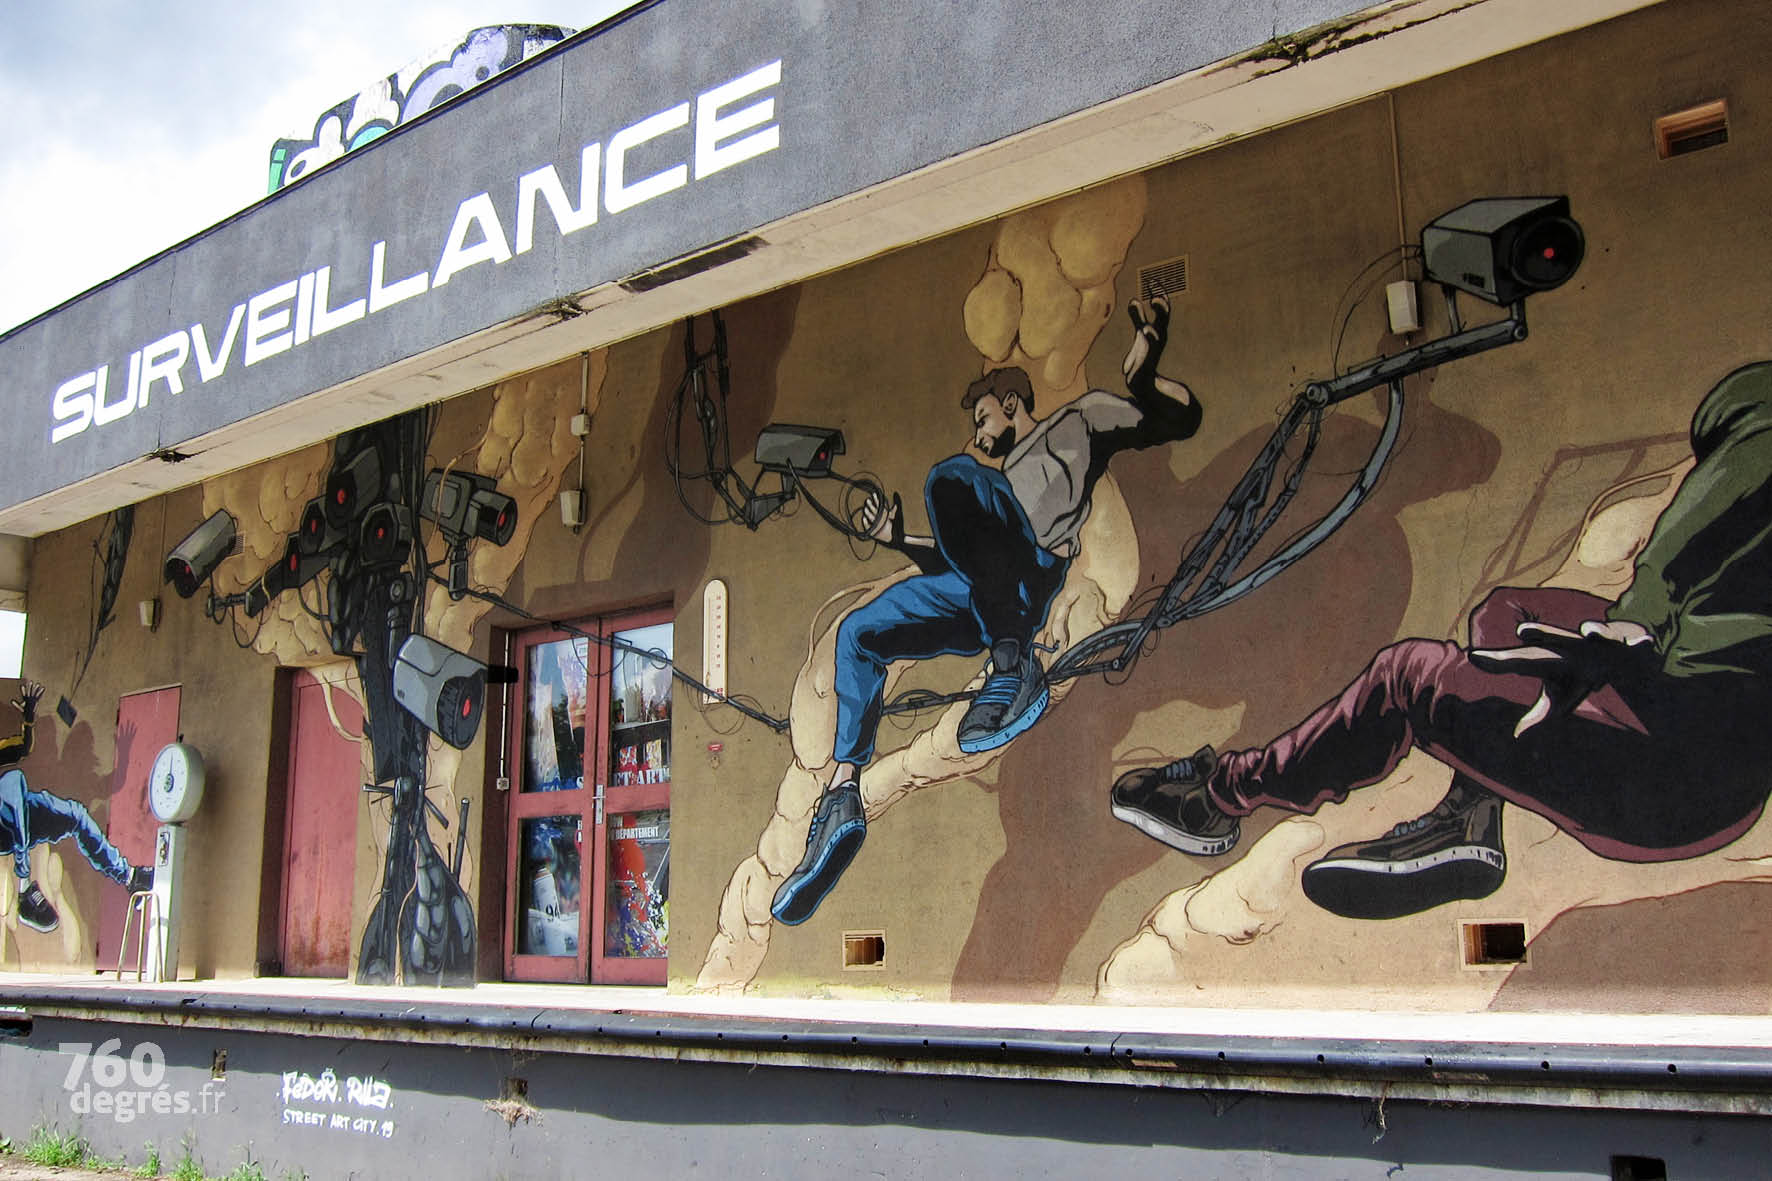 """FEDOR (France) """"Surveillance"""" - Dans un style rappelant la BD, l'artiste libère ses personnages de leurs """"chaînes"""" virtuelles en les plaçant en apesanteur dans l'espace."""